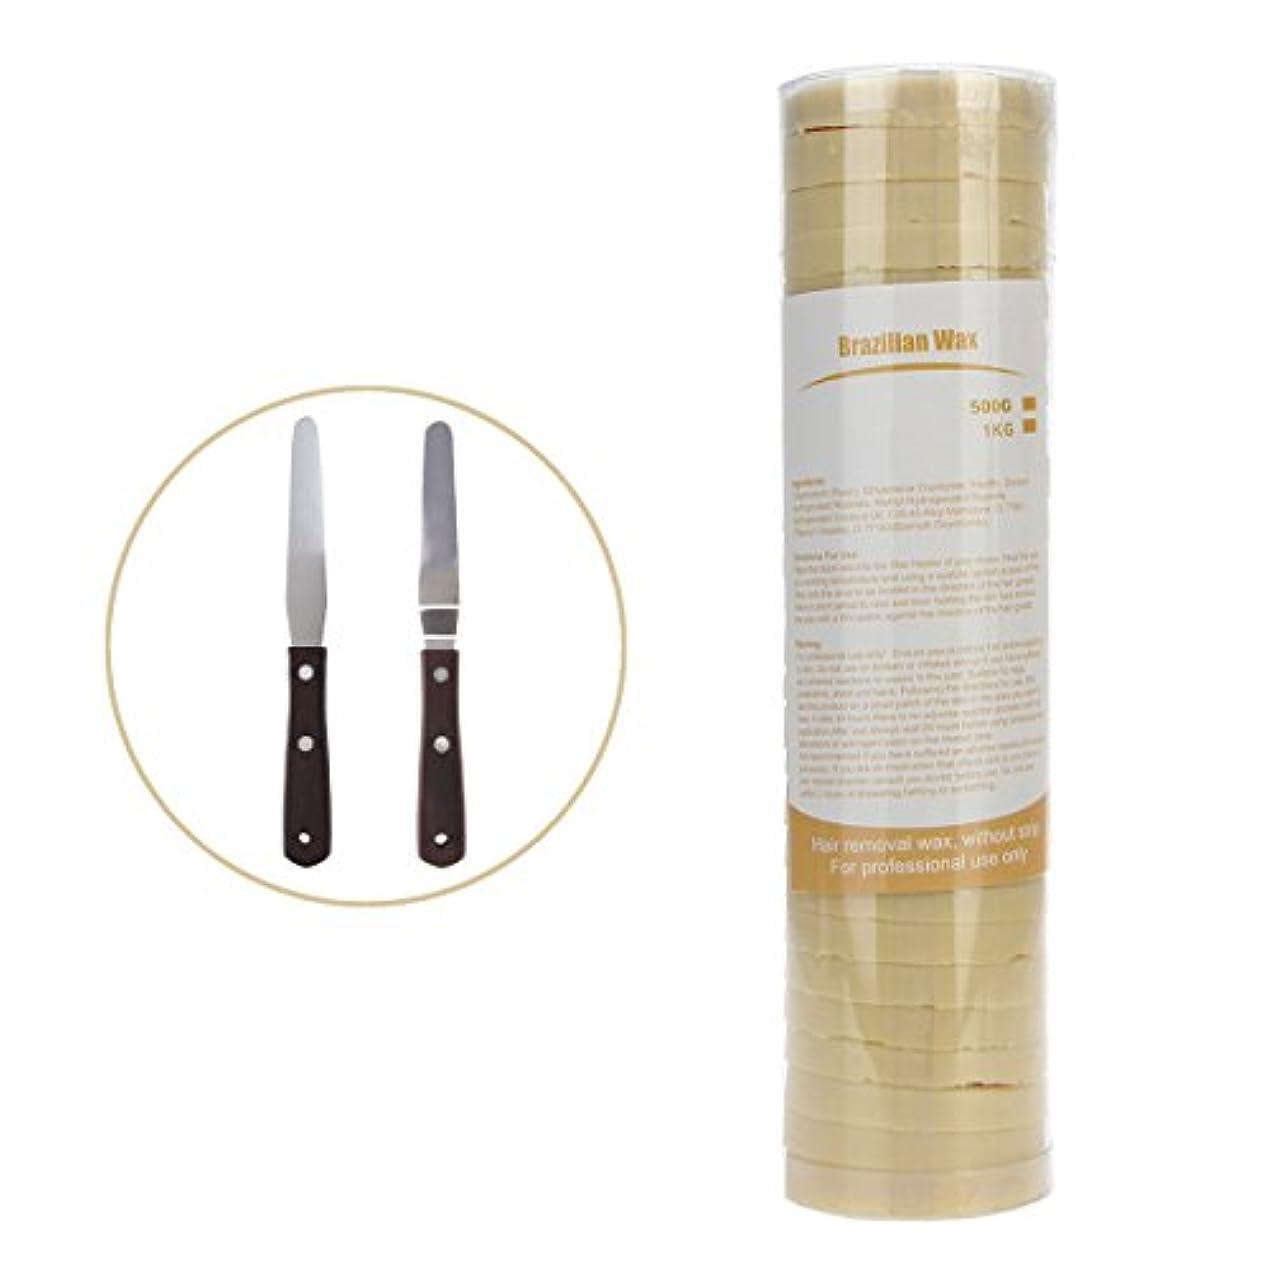 食べるカイウスランドリー(アーニェメイ)Bonjanvy ハードワックス 脱毛 ビーズ 500g 1缶 ブラジリアンワックス 鼻毛 スティック 2本 セット-クリーム